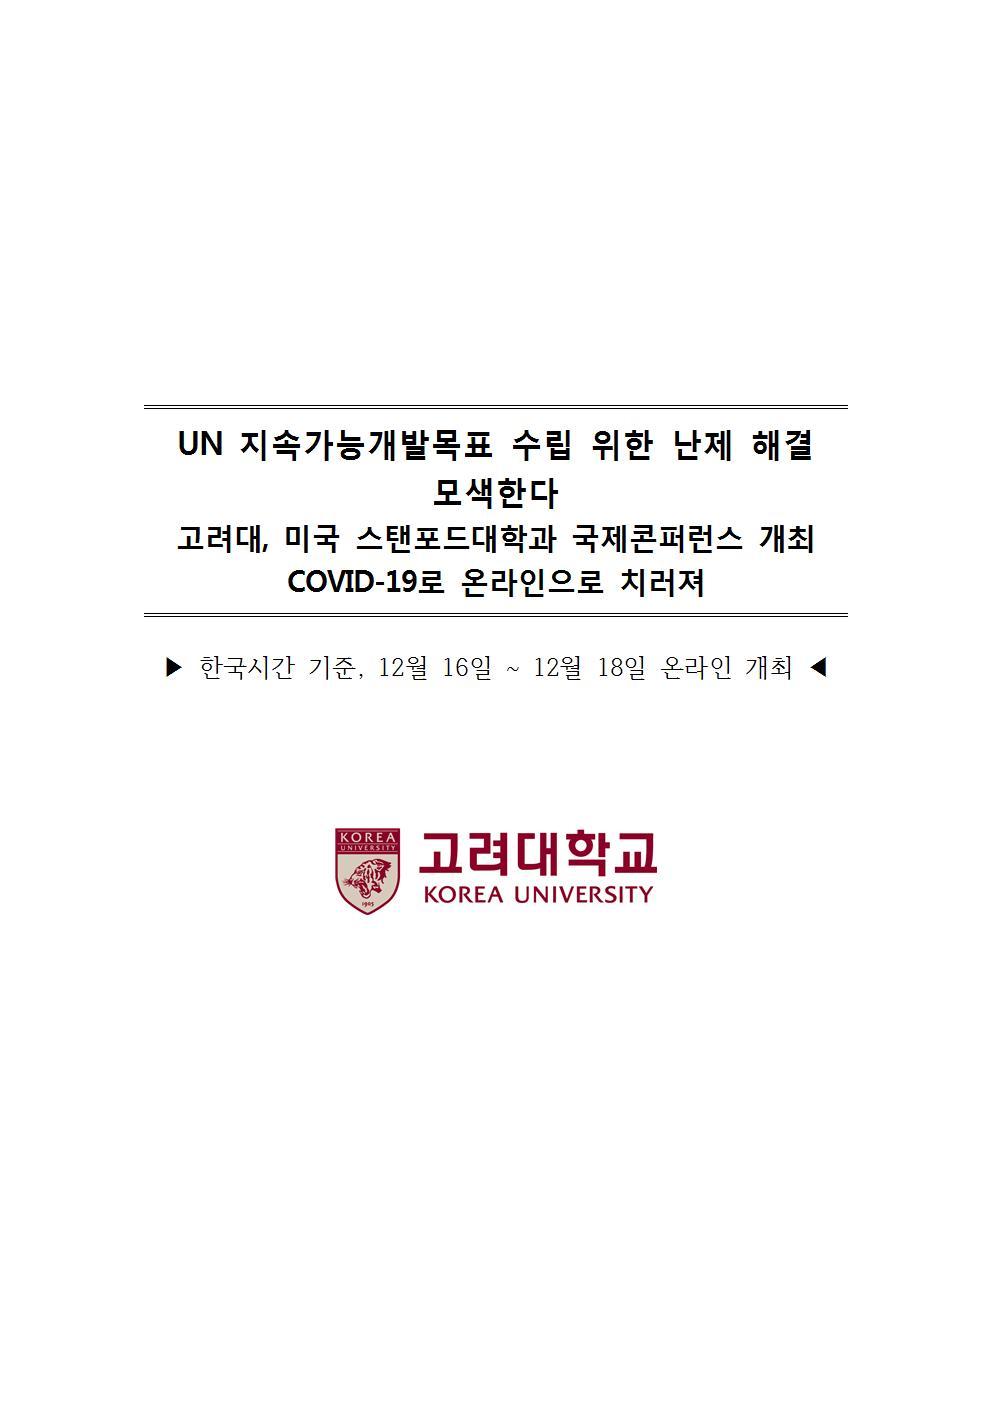 고려대, 미국 스탠포드대학과 국제콘퍼런스 개최(한국시간기준, 12월 16일~12월 18일 온라인 개최)